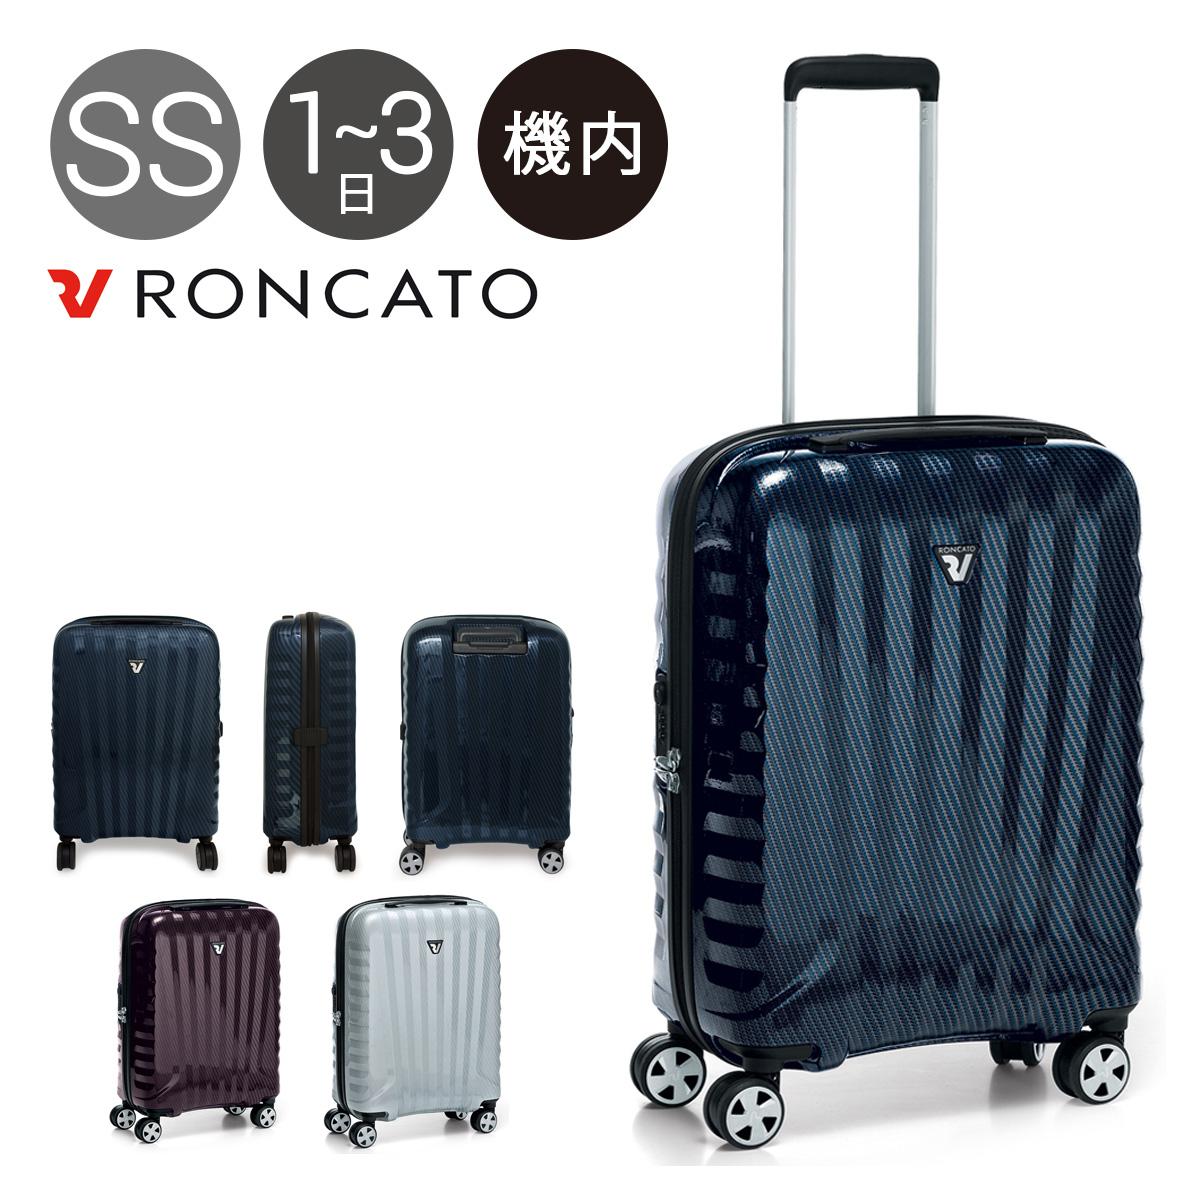 ロンカート RONCATO スーツケース 5173 51cm PREMIUM ZSL CARBON 【 プレミアムカーボン 】【 キャリーケース ハードキャリー 機内持ち込み可 TSAロック搭載 イタリア製 10年保証 】[bef][PO10]